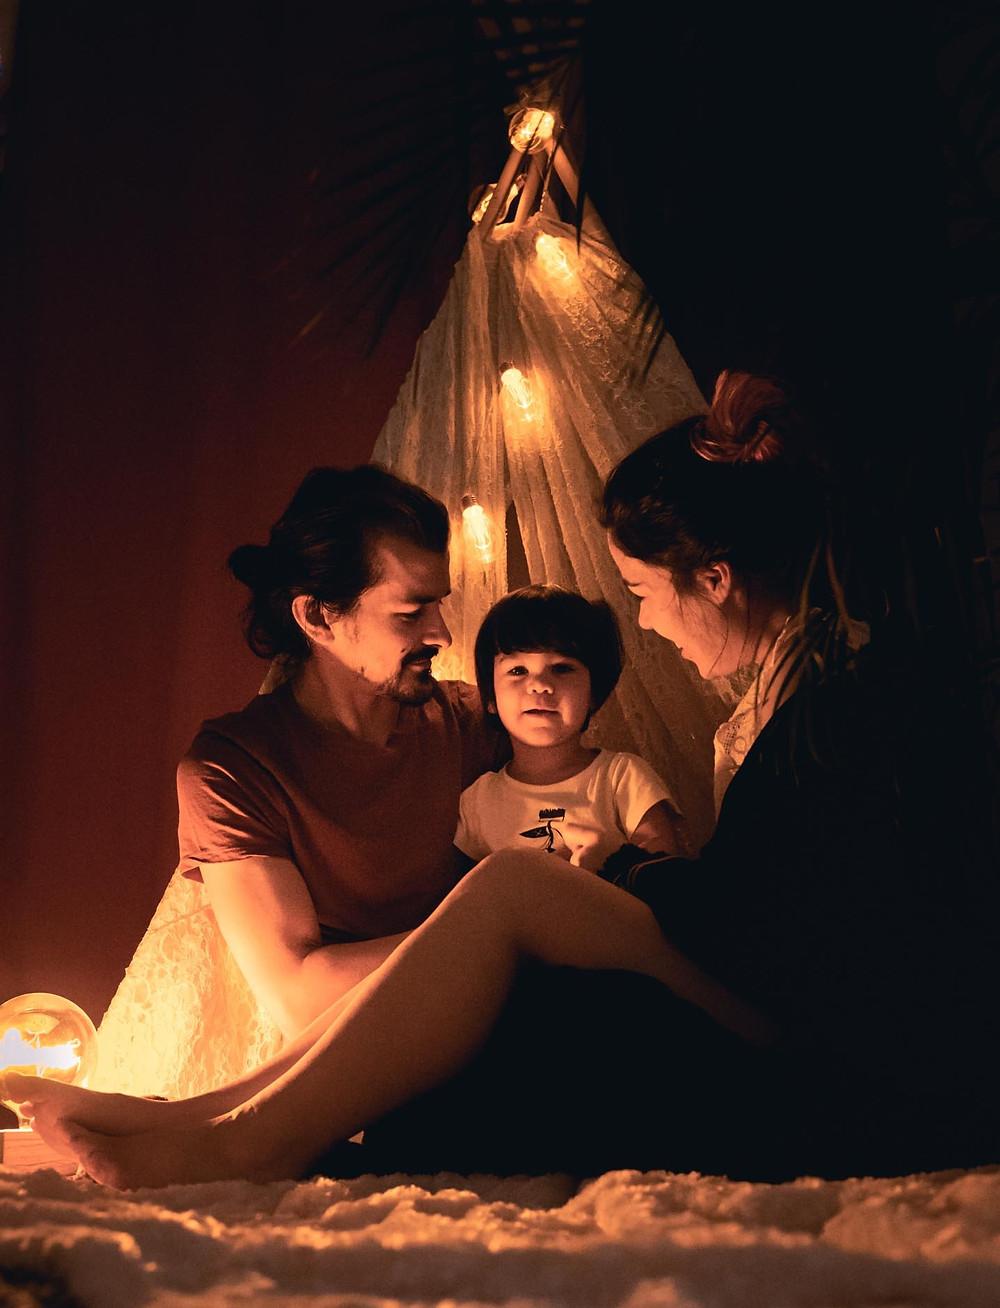 portrait de famille, 3 personnes, tipi guirlande guinguette, photo de nuit